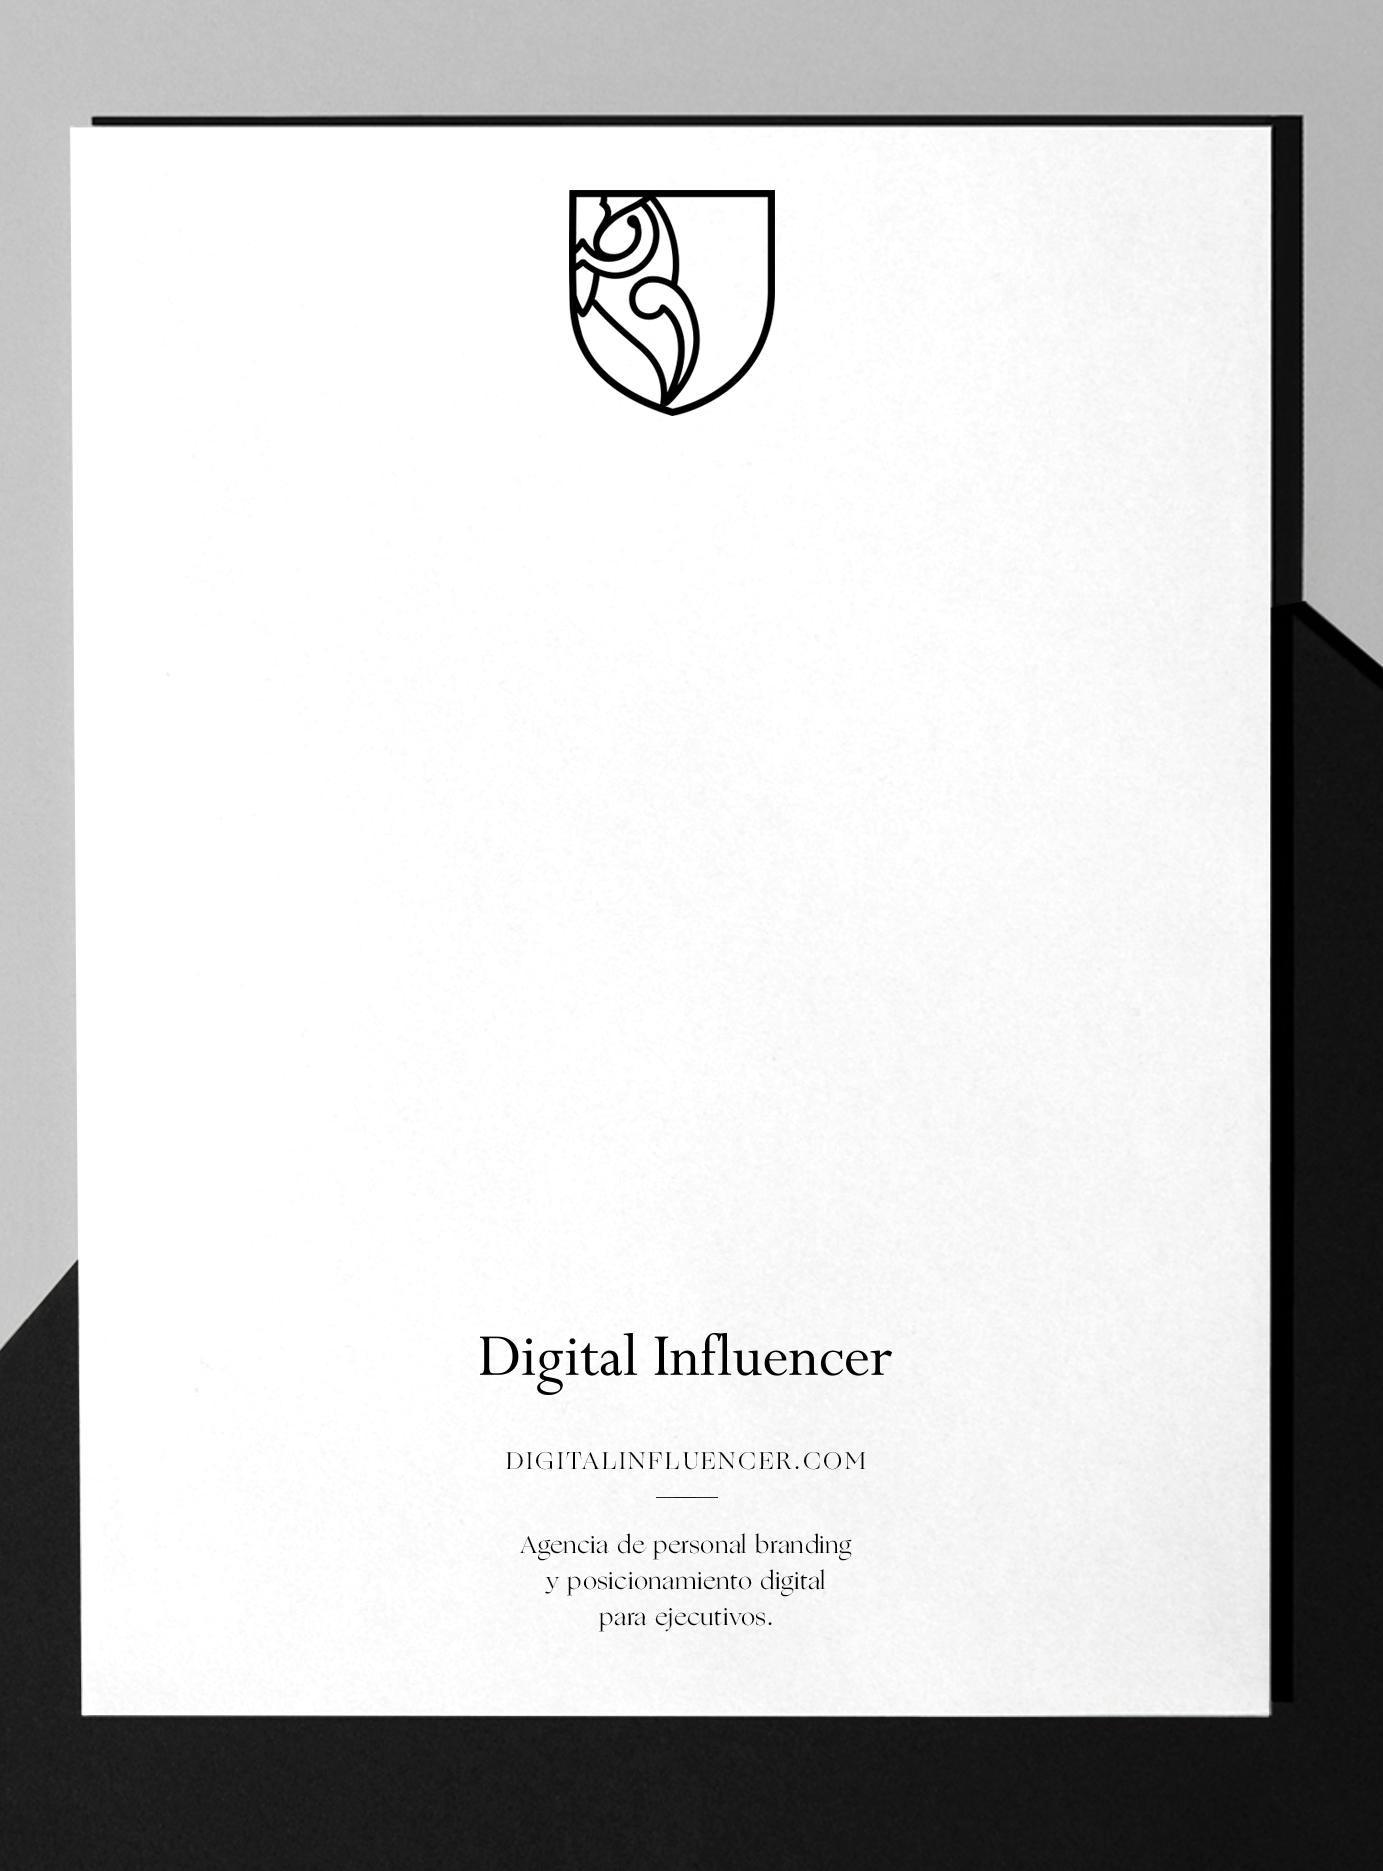 felino-Digitalinfluencer-04.jpg